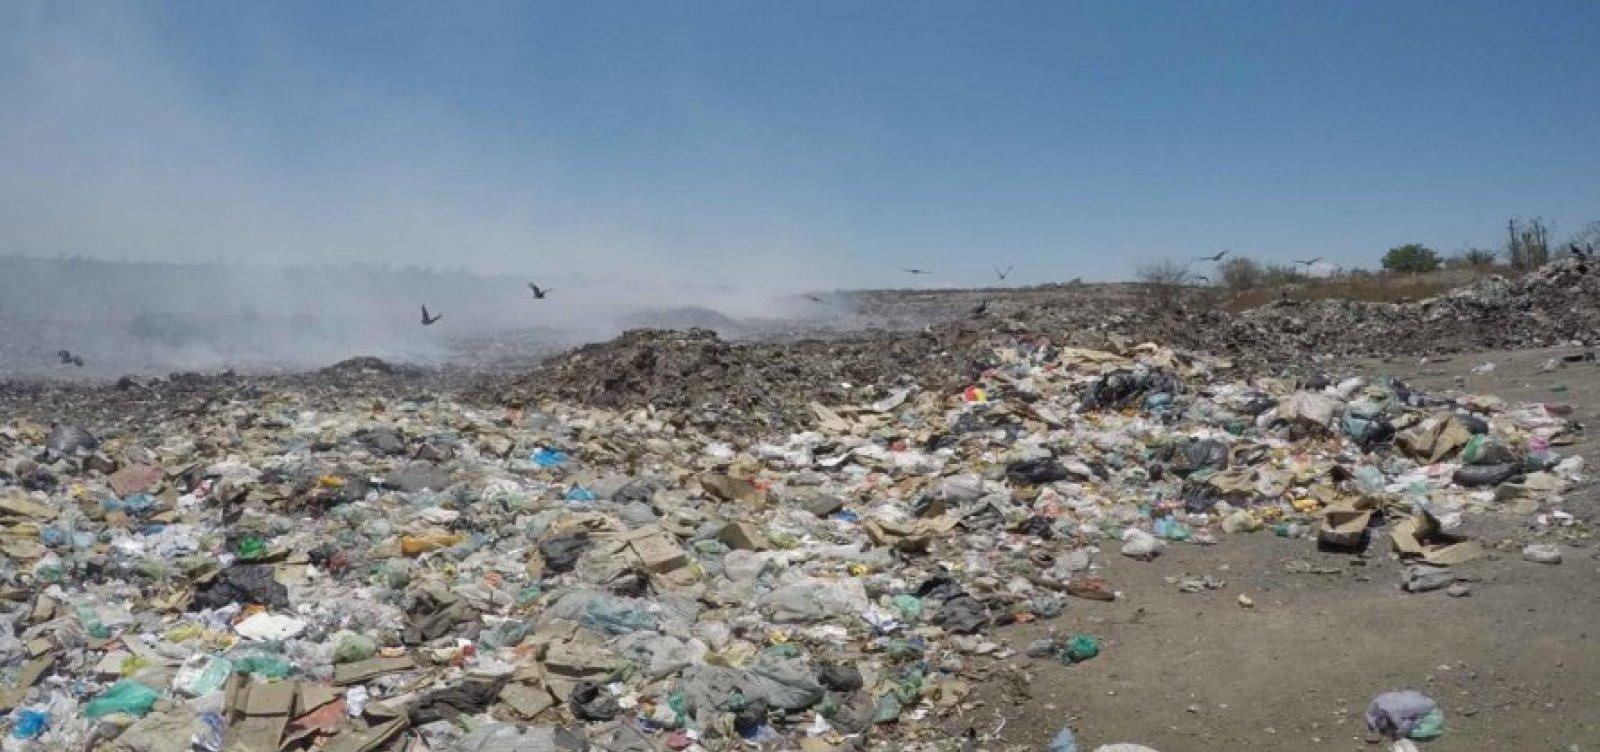 [Campo Formoso: MP denuncia prefeitura por descarte irregular do lixo e pede multa de R$ 10mi]